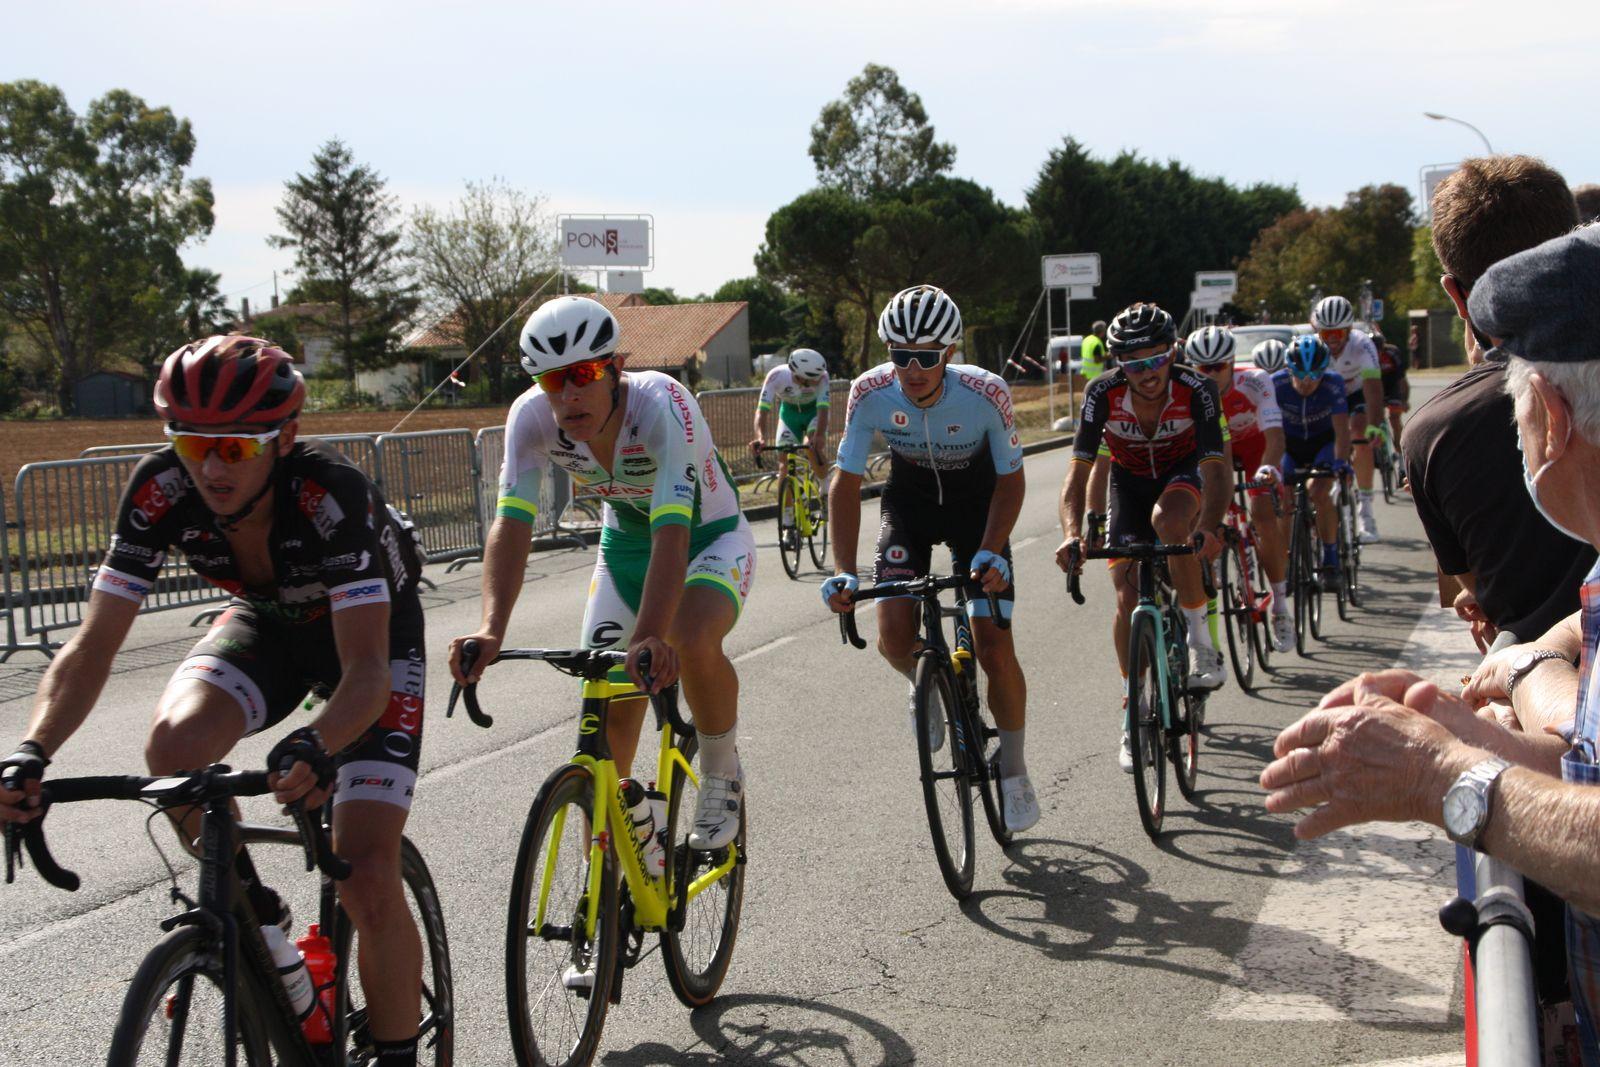 1er  passage sur  la  ligne  à  Gémozac , 2  hommes en  tête  suivis de  plusieurs  groupes avec  des écarts  importants